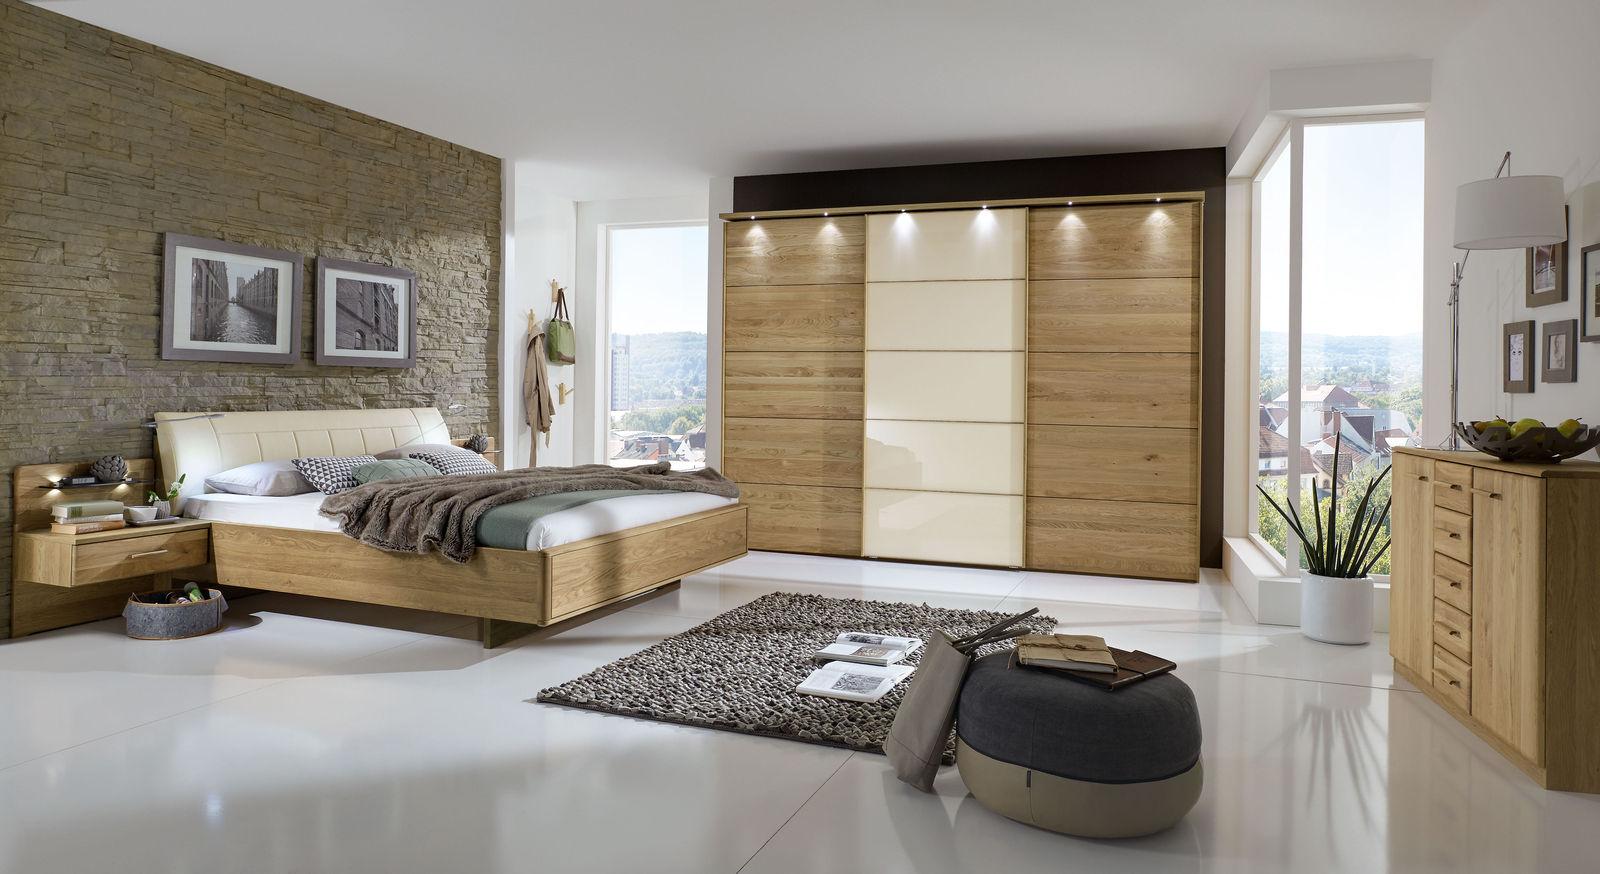 Schlafzimmer Komplett In Eiche Teilmassiv Mit Schwebebett - Temir Schlafzimmer Komplett